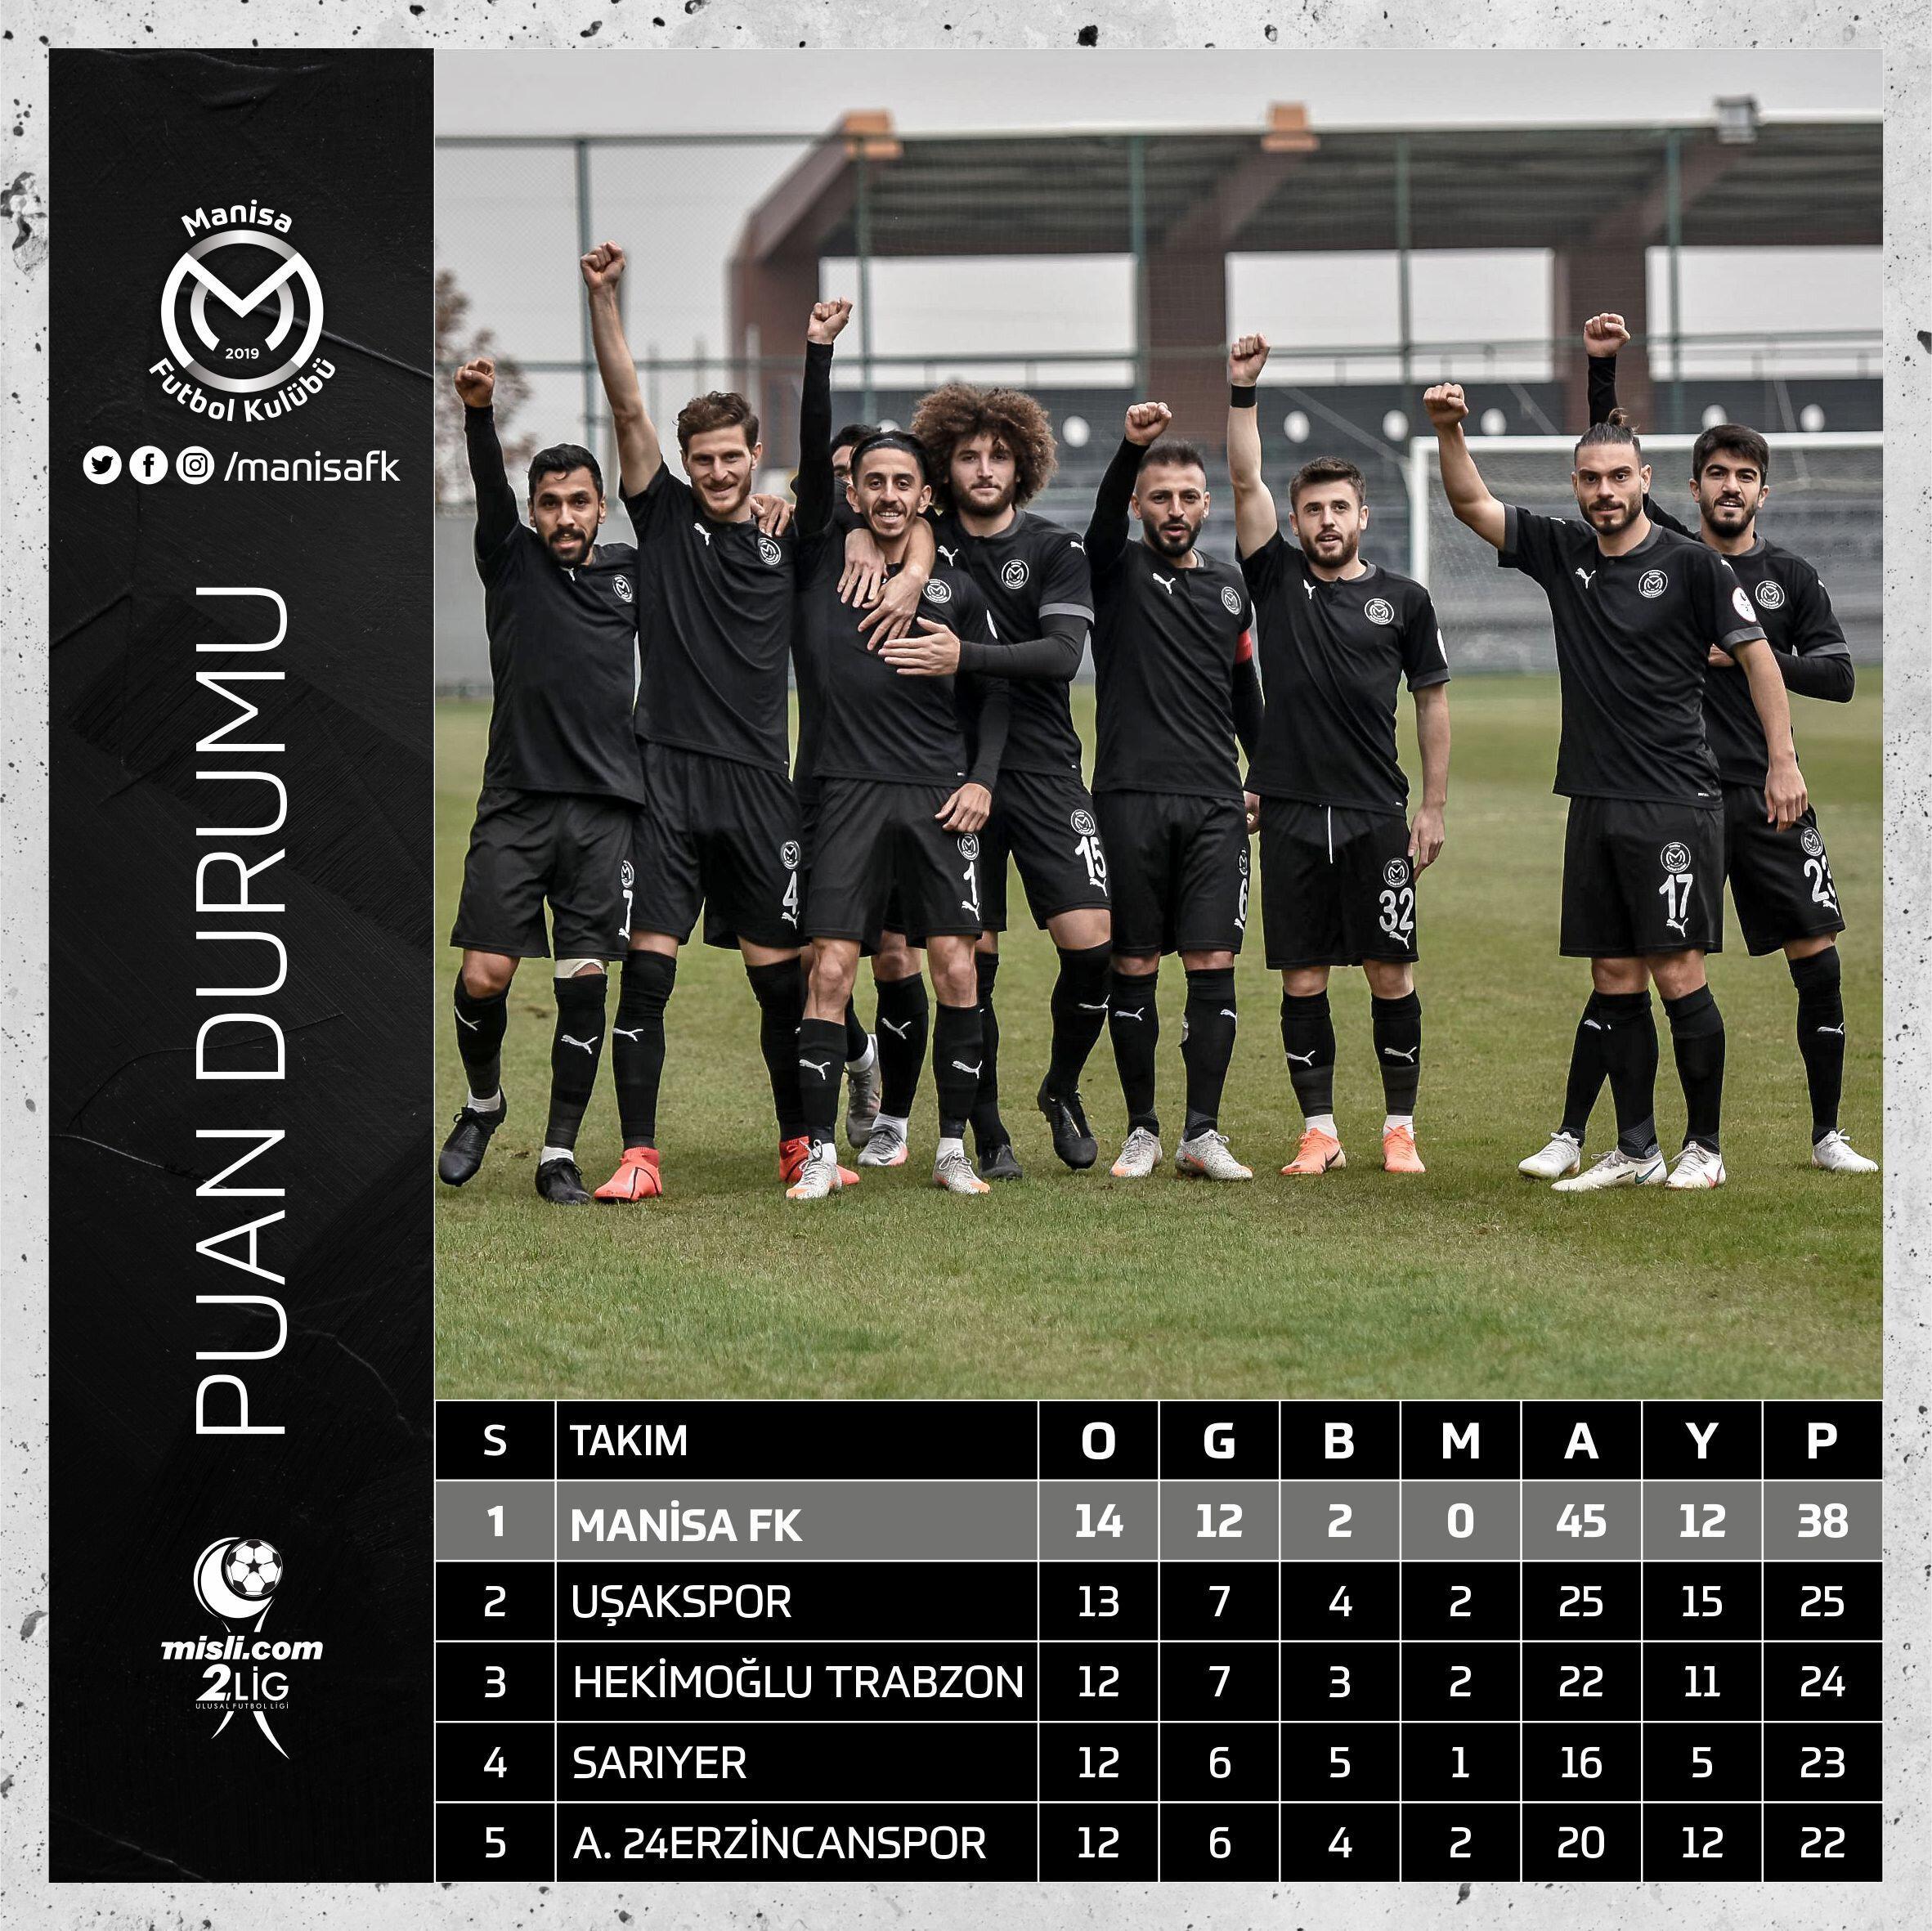 2. Lig Beyaz Grup'taki ilk 5 sıra.